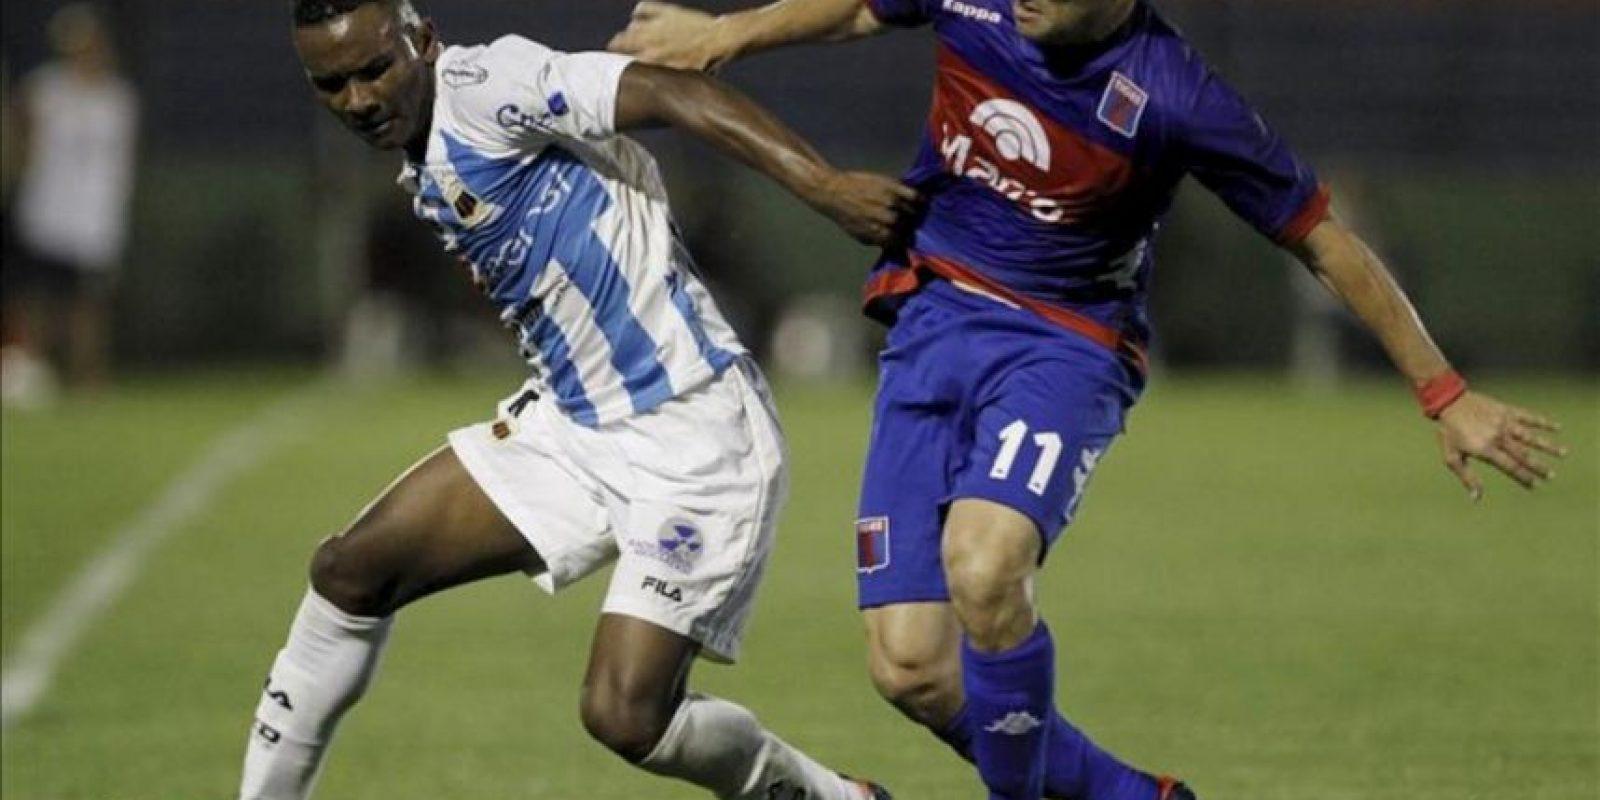 Pedro Velasco (i) de Deportivo Quito de Ecuador y Ramiro Leone (d) de Tigre de Argentina luchan por el balón durante el encuentro que juegan por la Copa Sudamericana en el estadio Estadio José Dellagiovanna. EFE